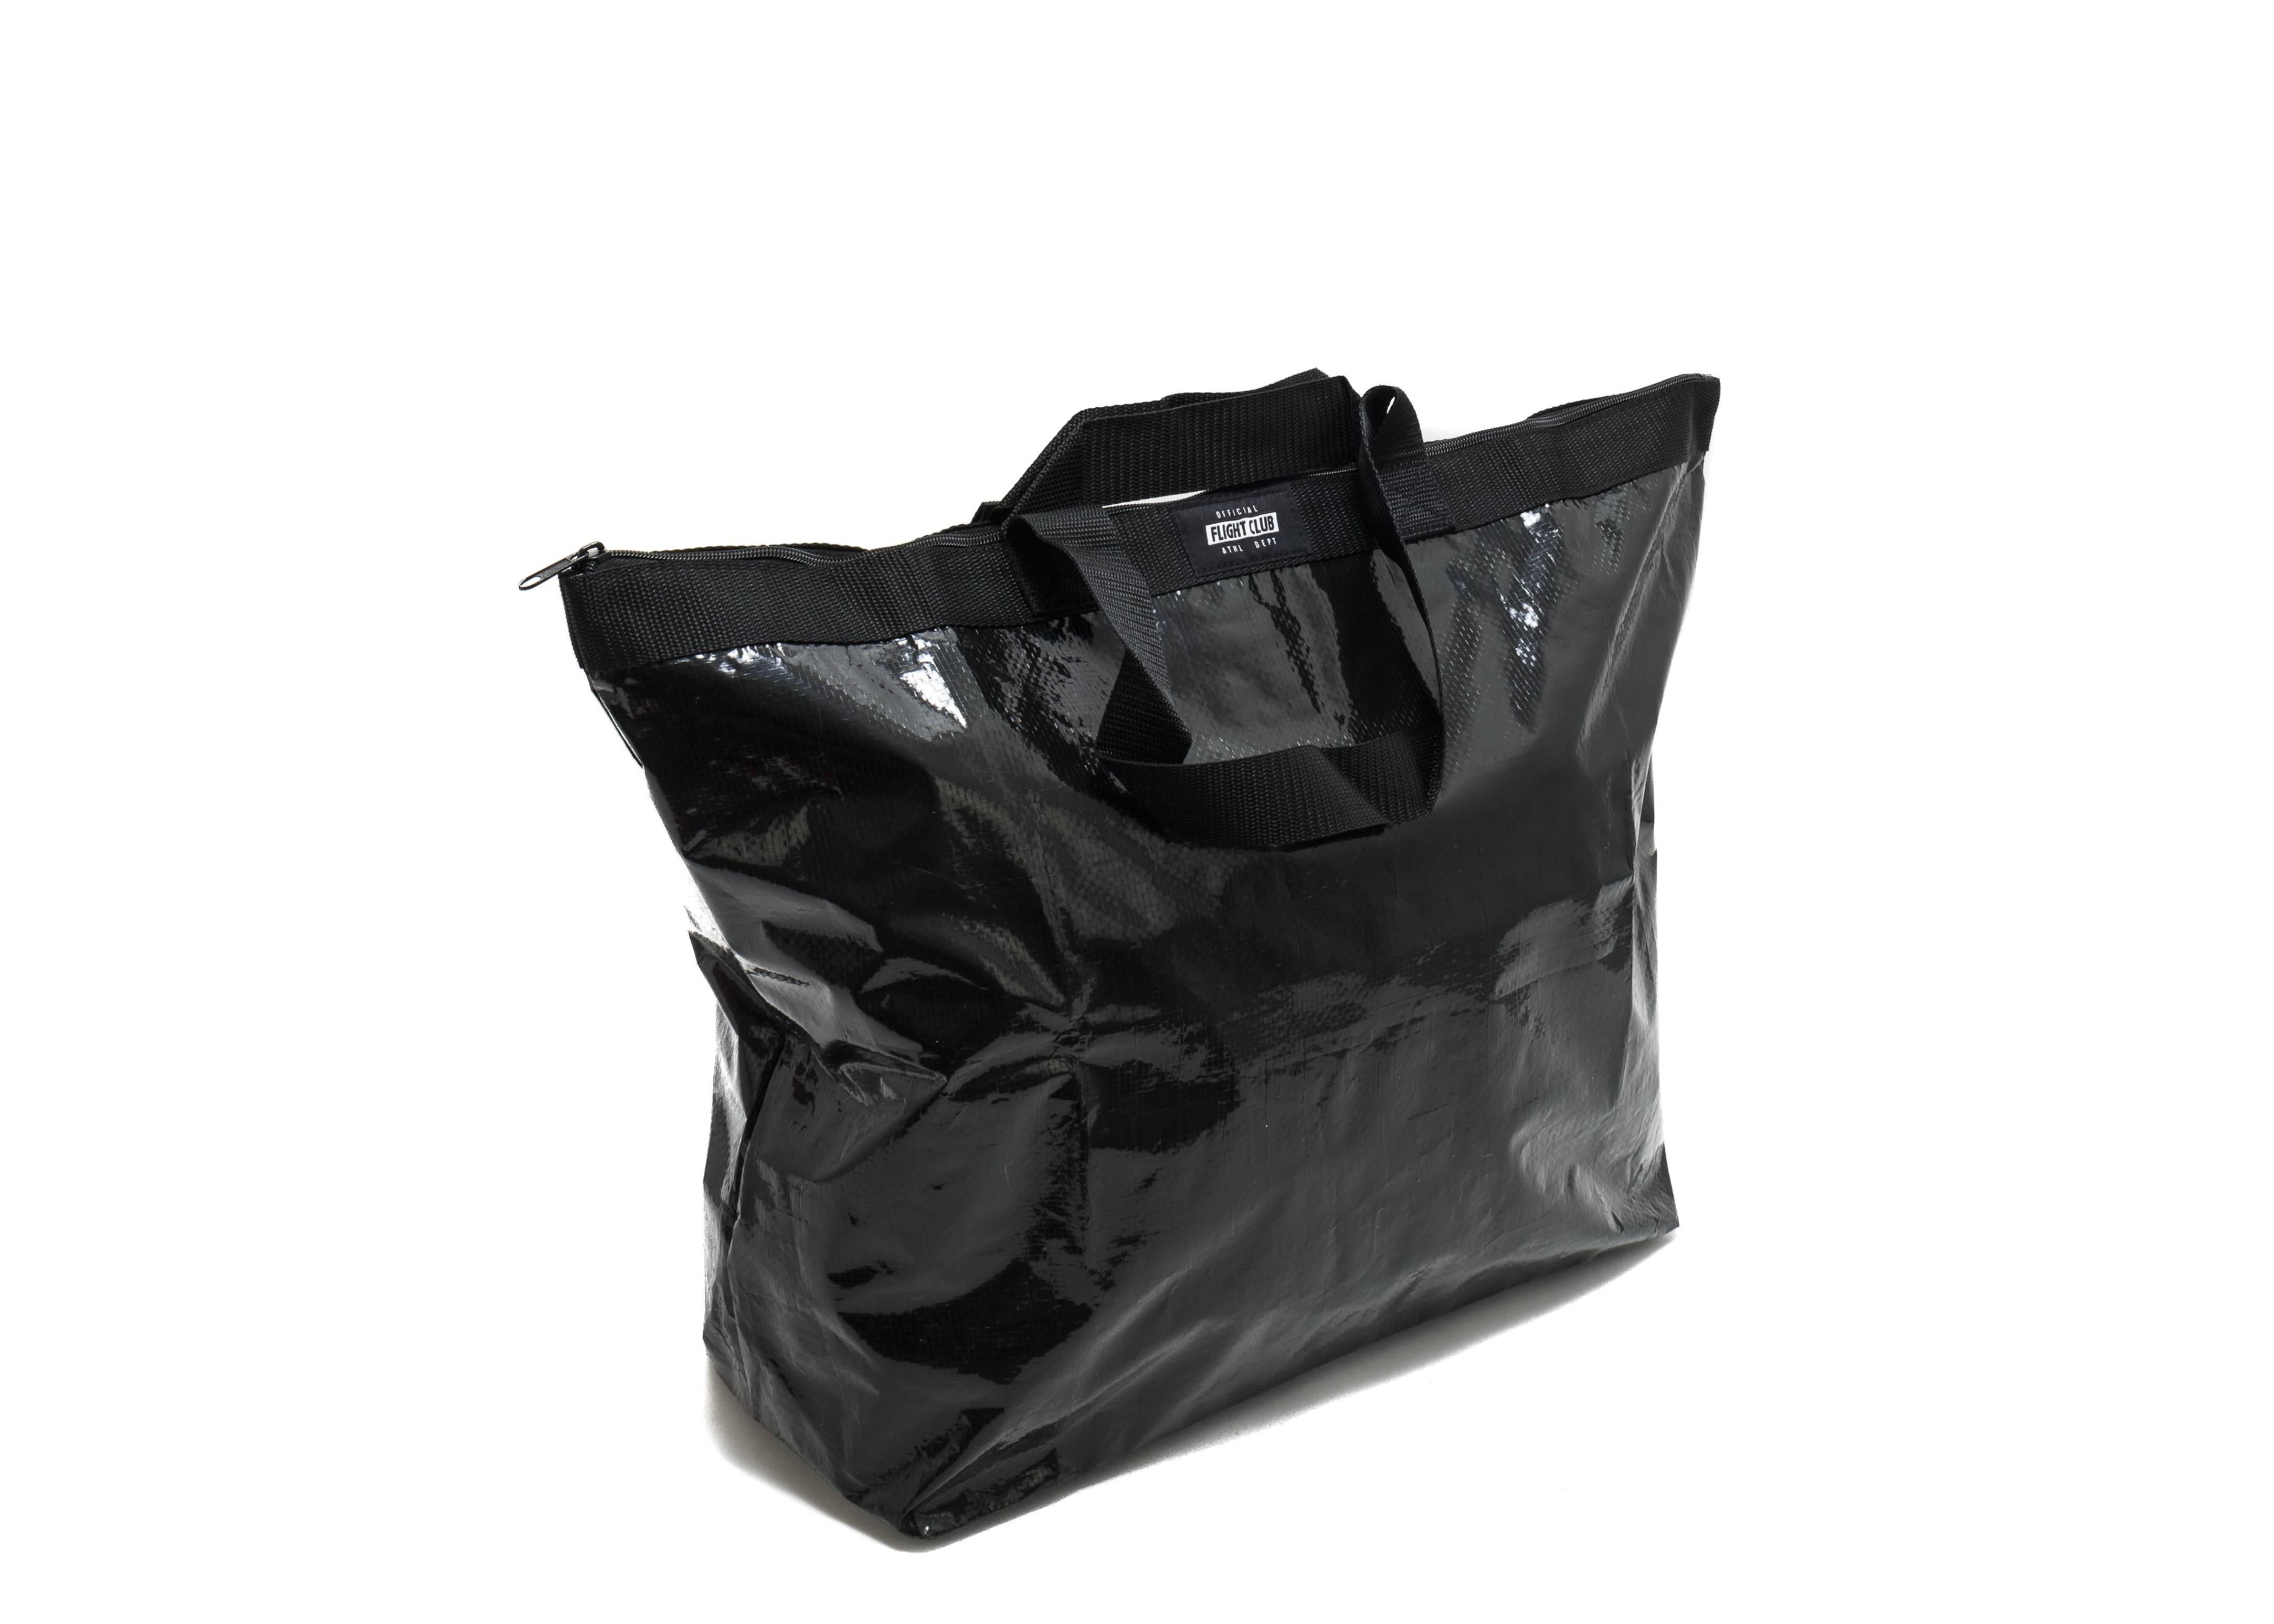 OTG Bag